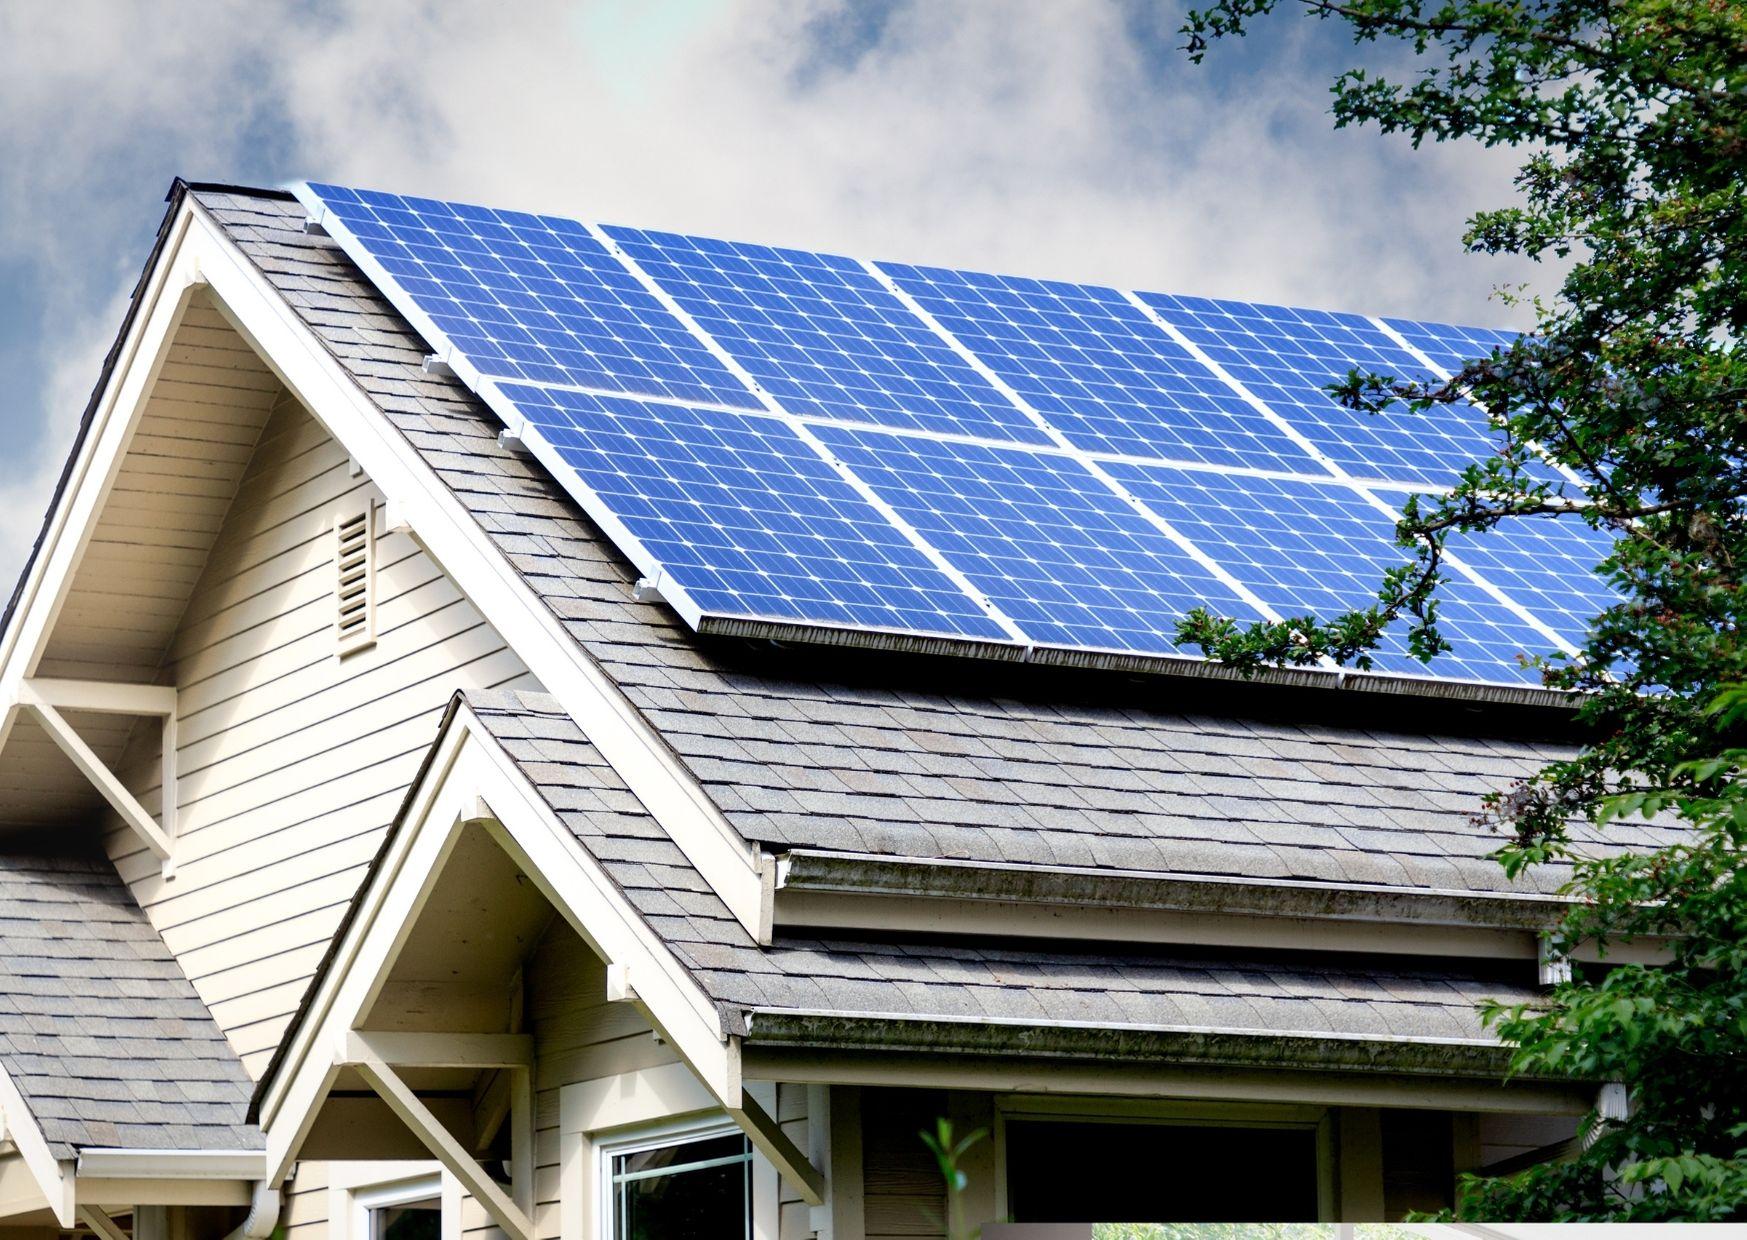 Is het dak van mijn woning geschikt voor zonnepanelen?